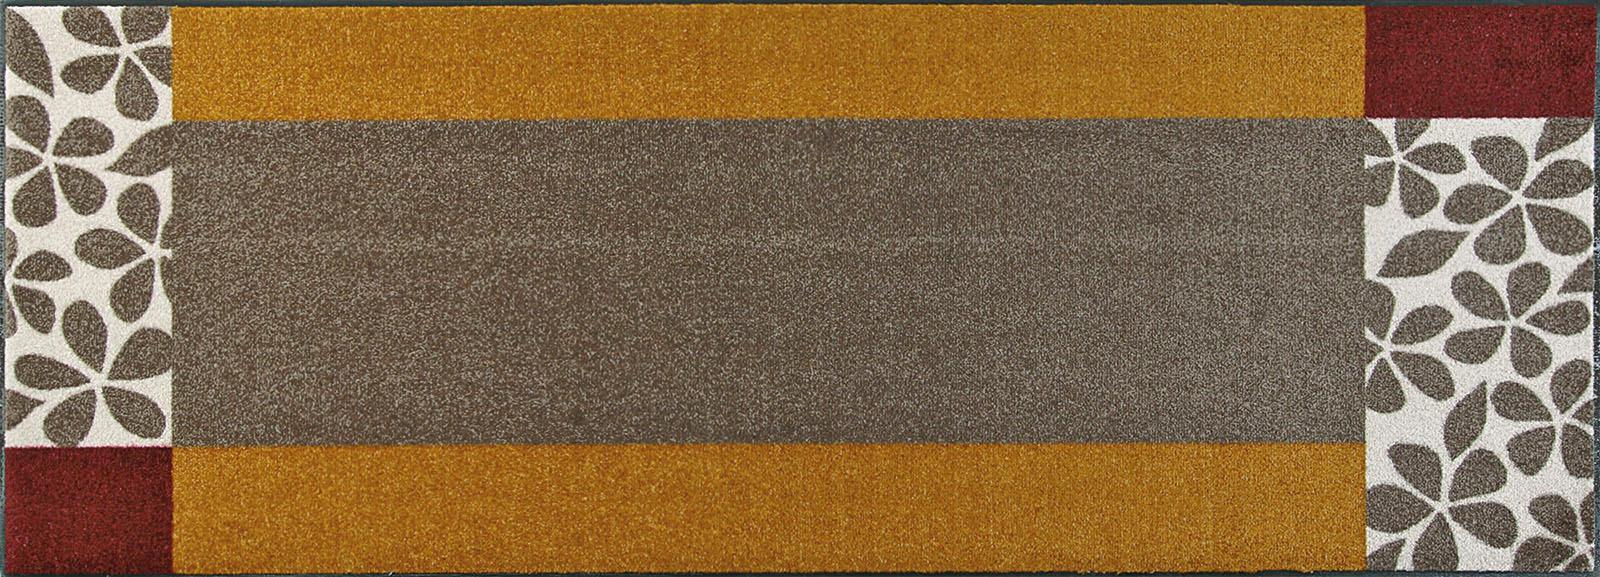 Läufer Florita wash+dry by Kleen-Tex rechteckig Höhe 7 mm gedruckt